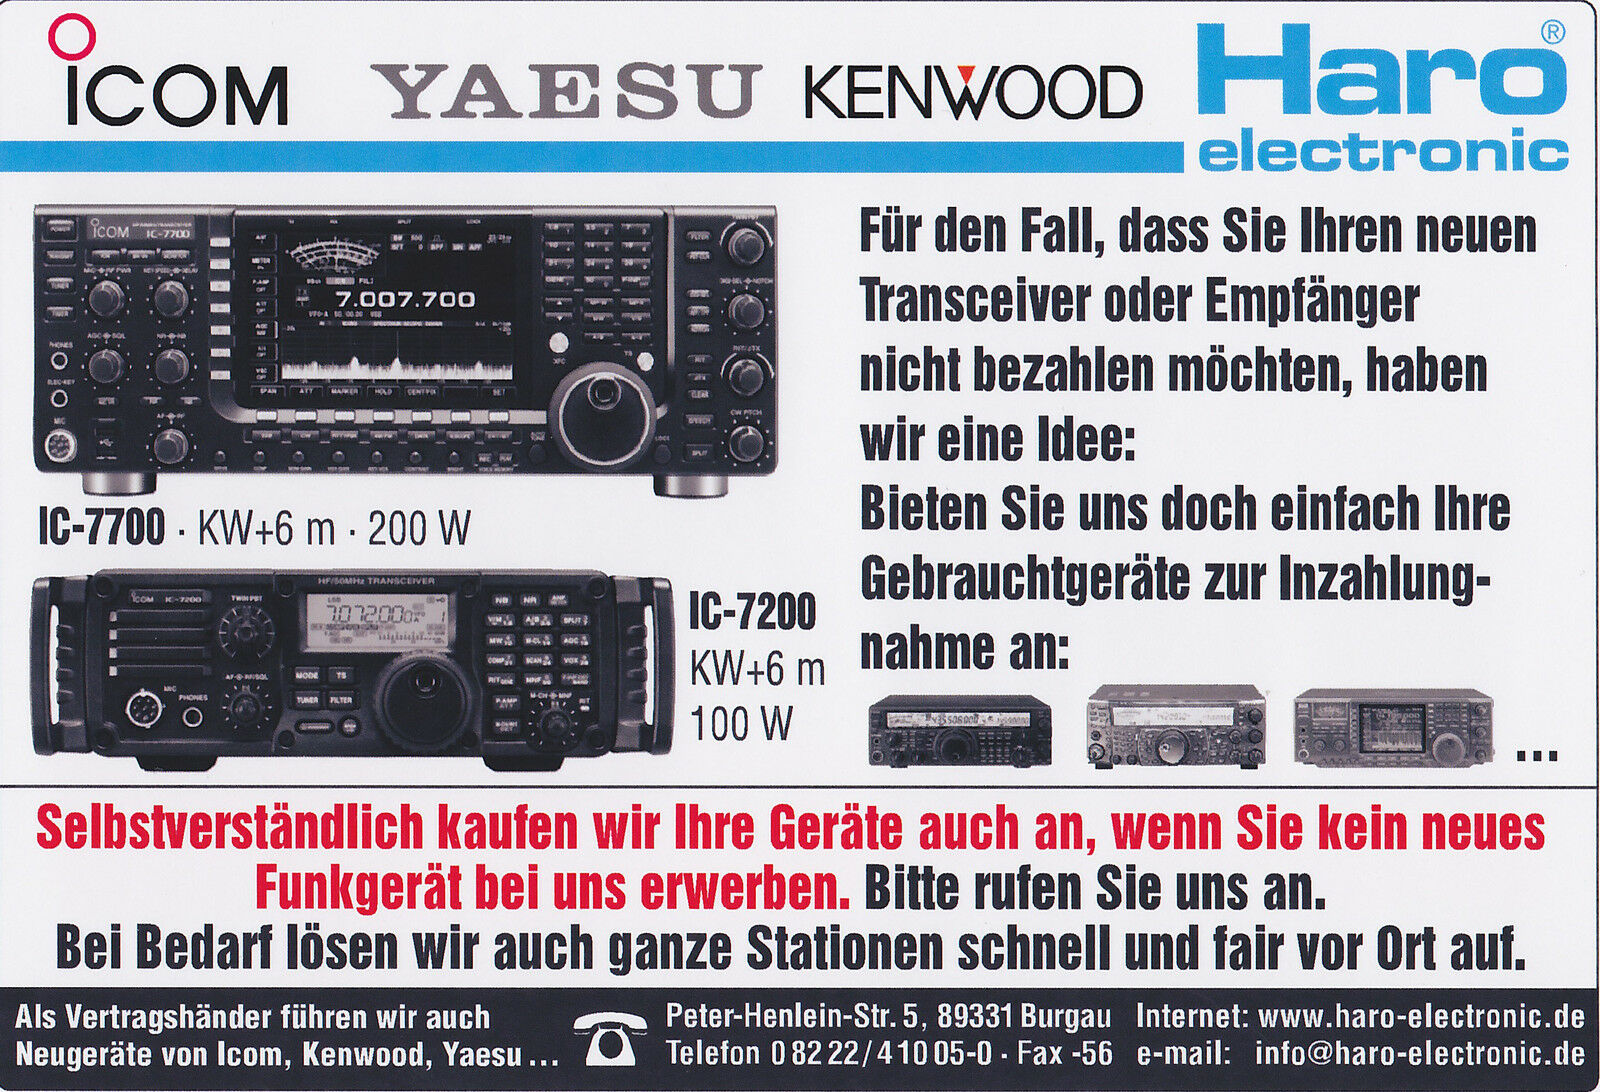 haro-electronic